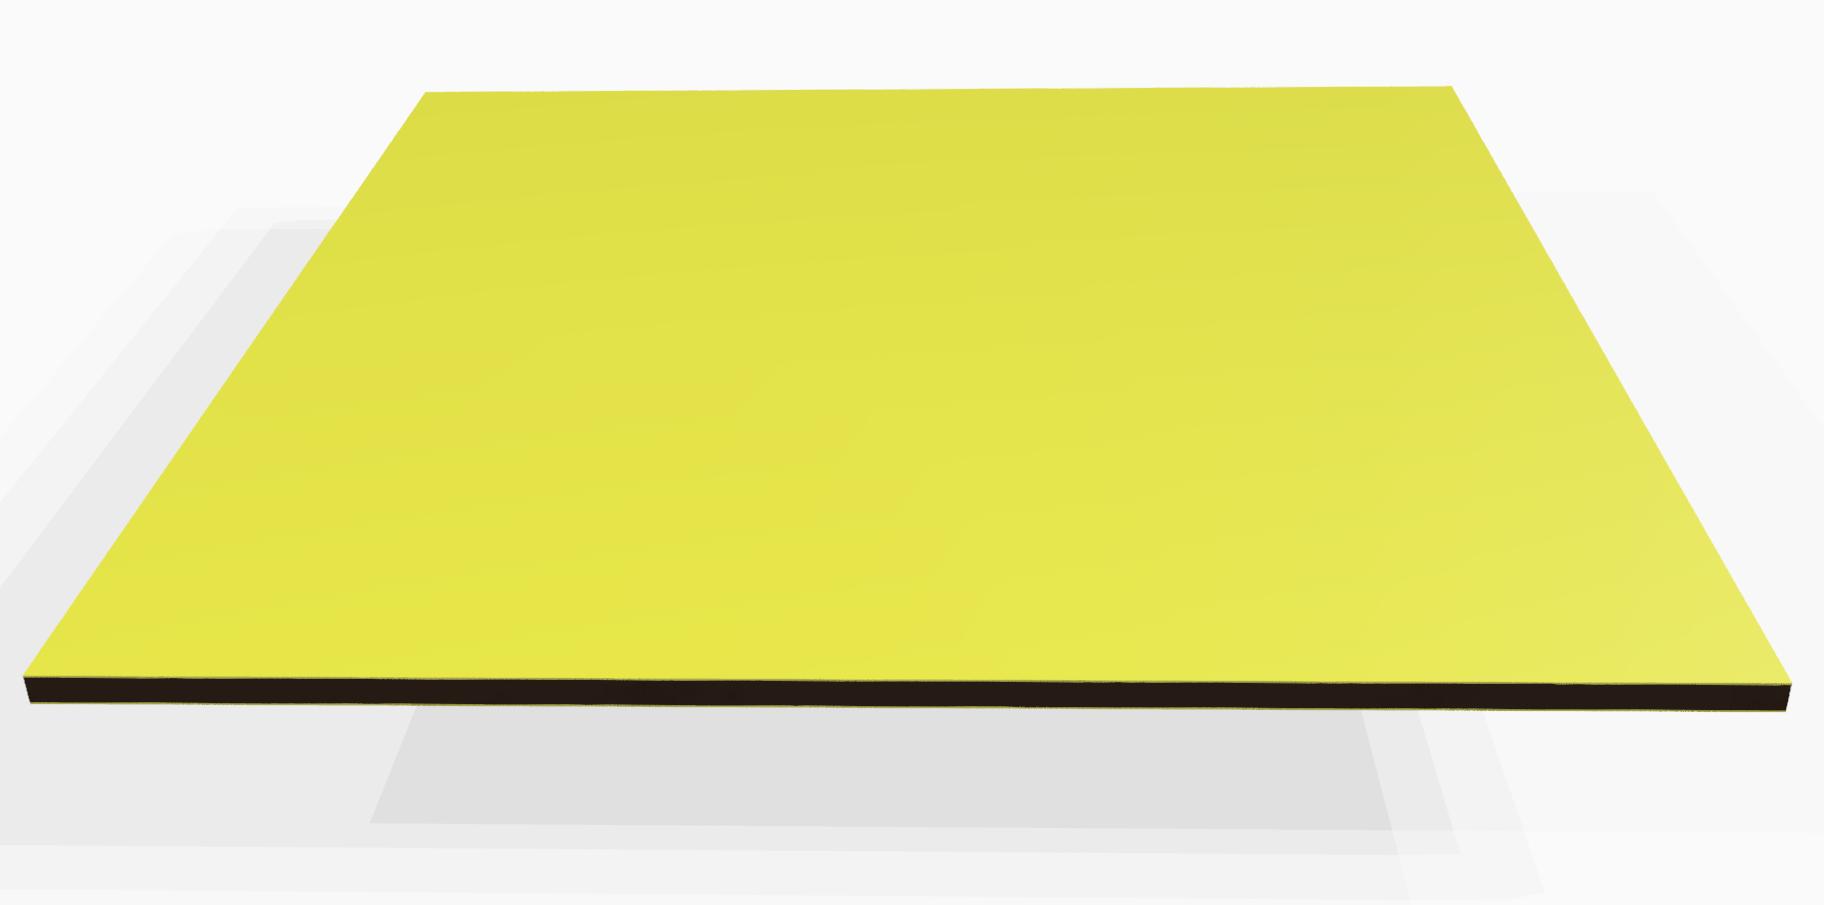 Vollkunststoff 4 mm ähnlich RAL 1034, gelb